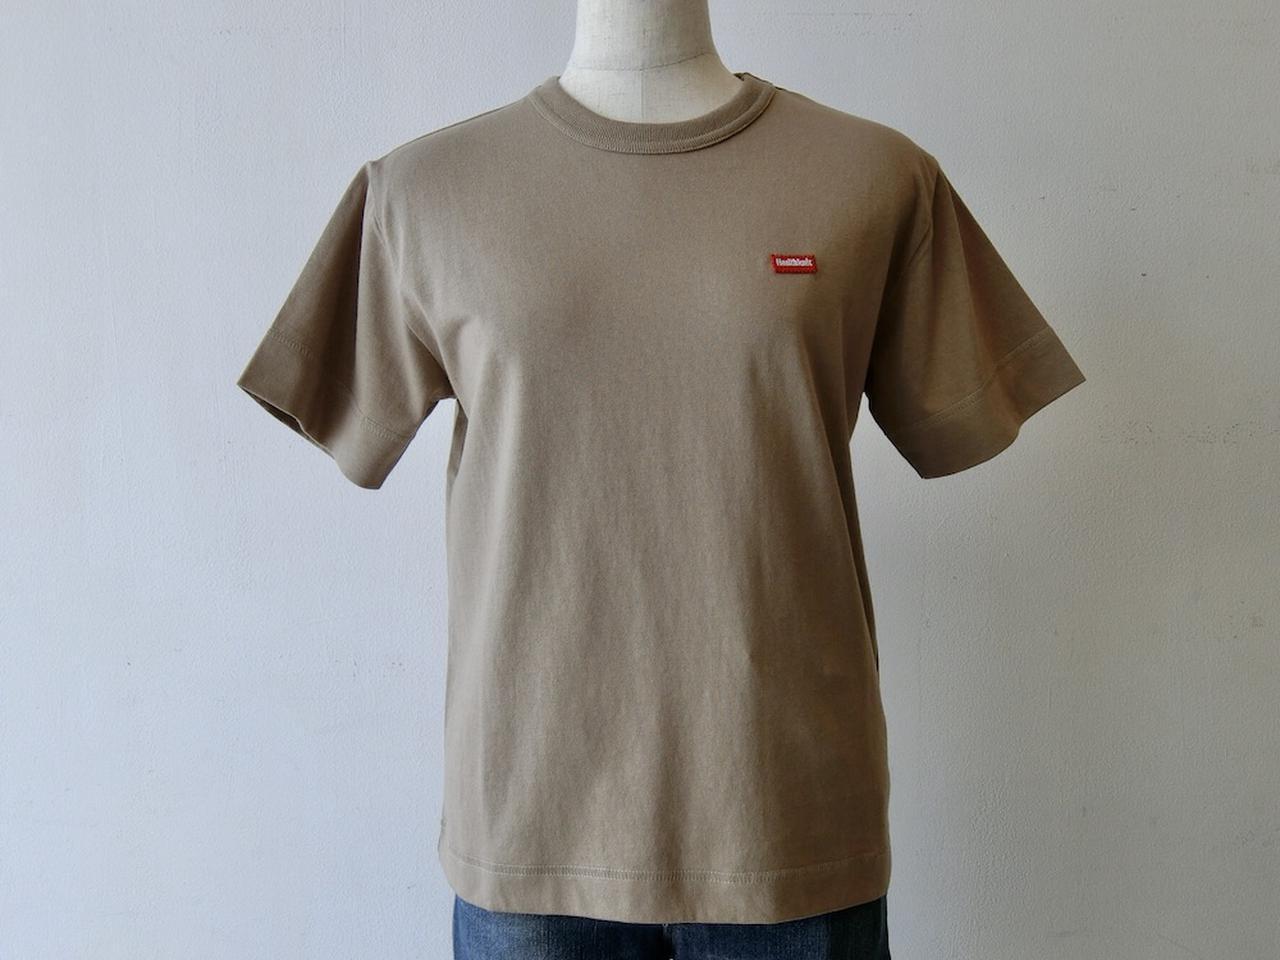 画像: ファンクショナル ファブリック ジャージー クルーネック 半袖Tシャツ3800円(税抜)※2021年3月中旬発売